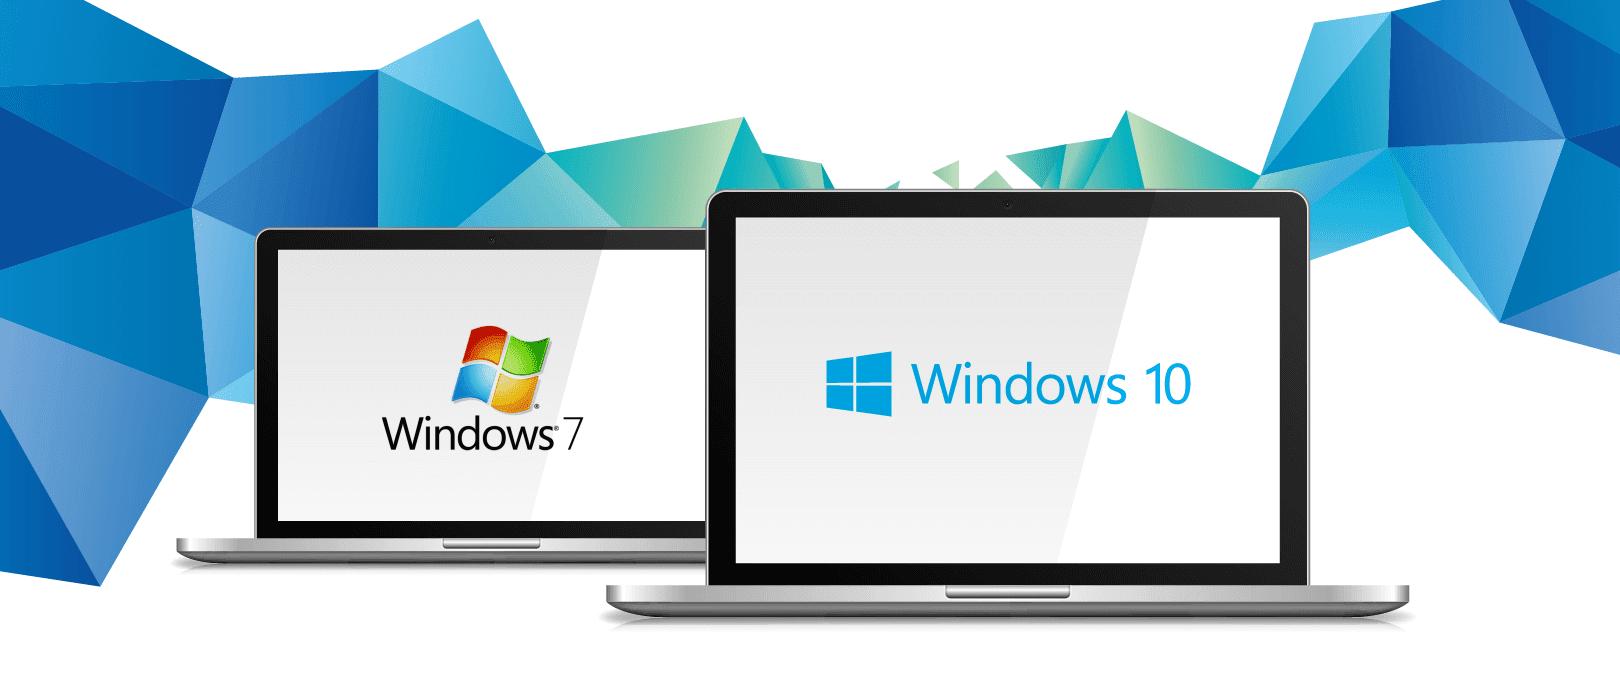 Aggiornare gratuitamente Windows 7 a Windows 10 nel 2021